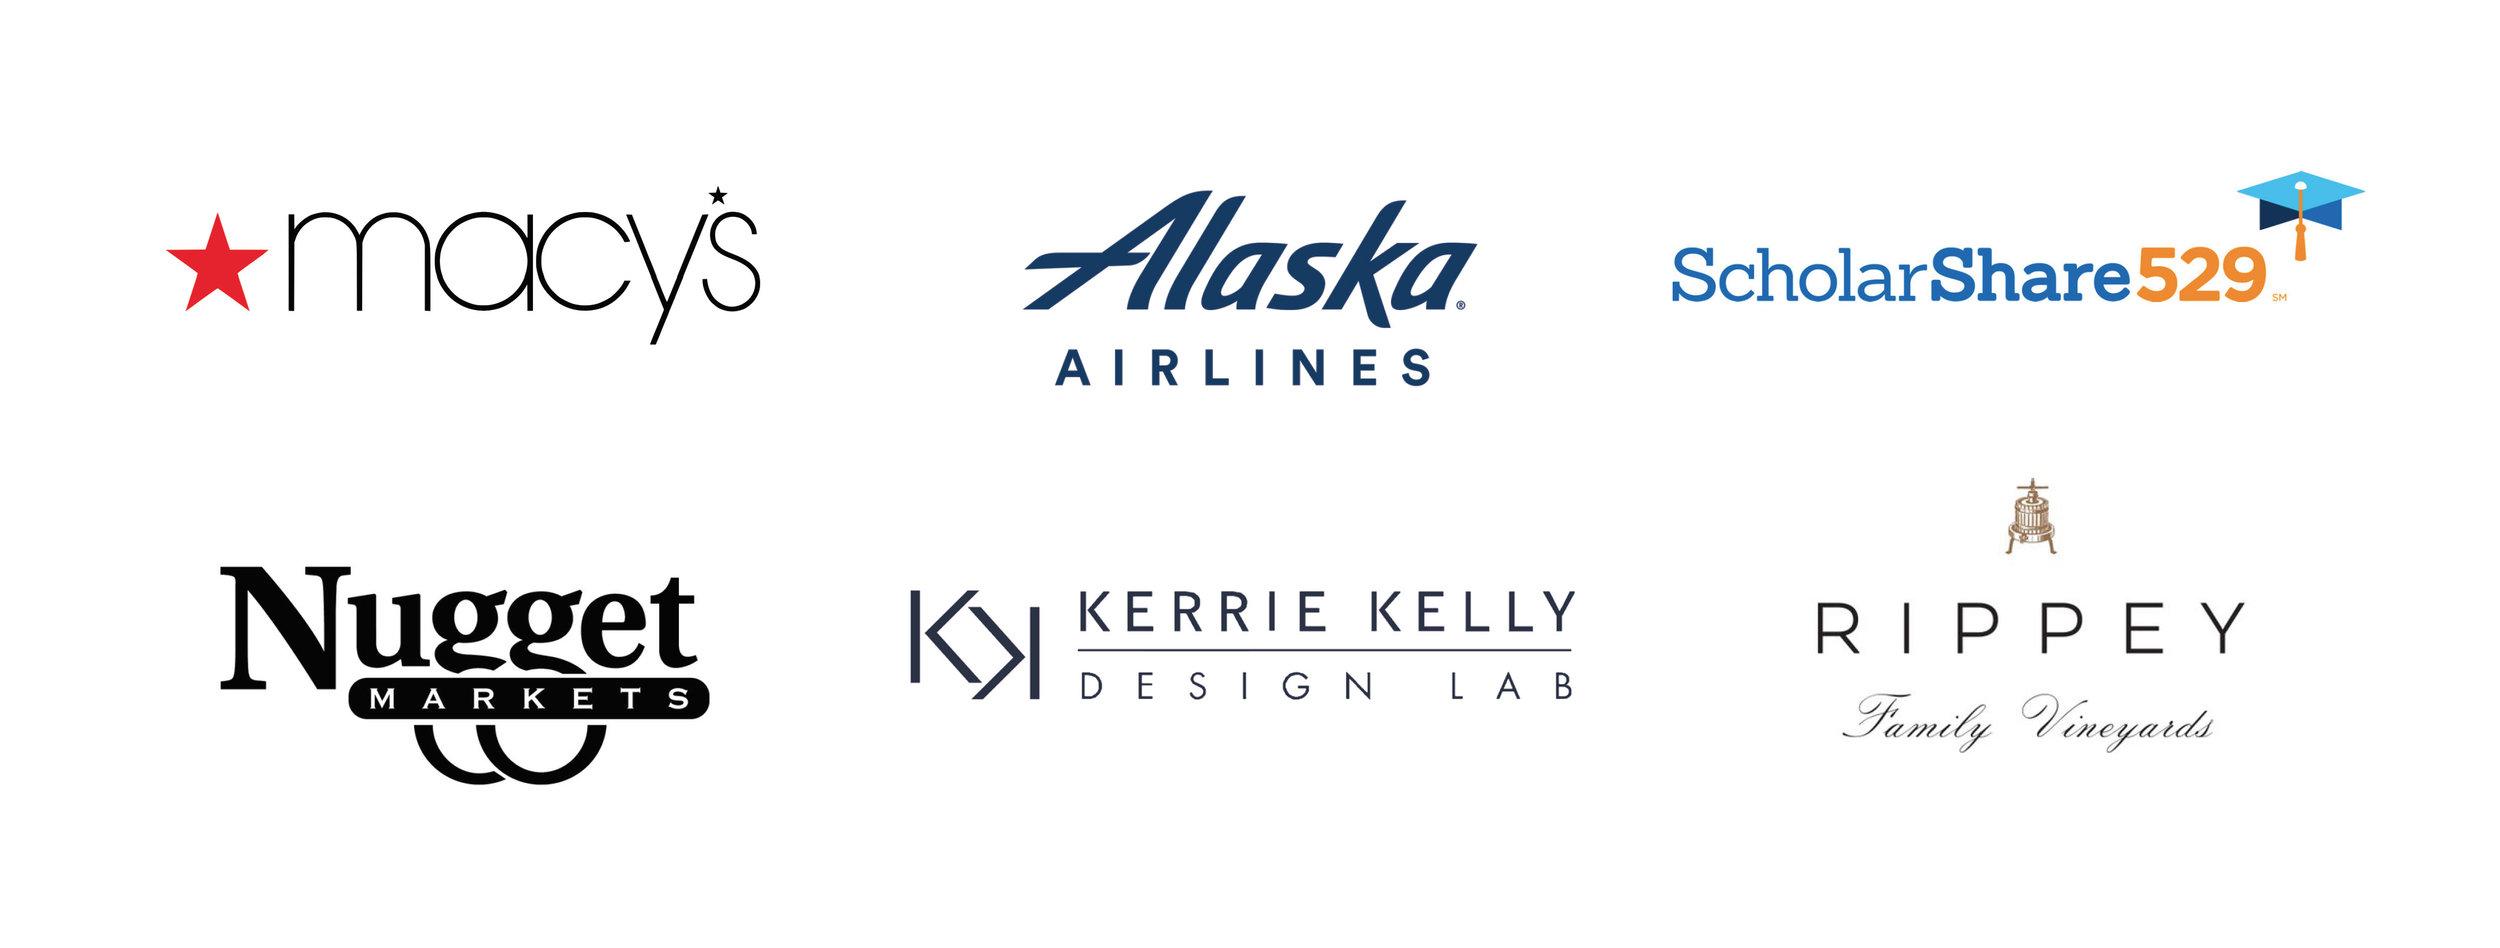 kachet media group logos.jpg